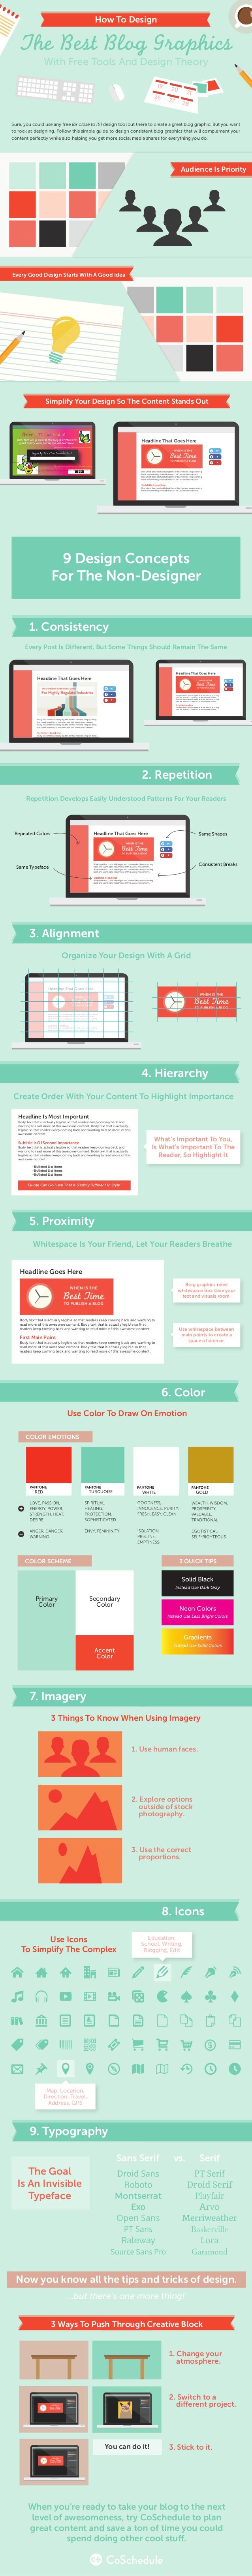 Cómo diseñar los mejores gráficos para tu Blog